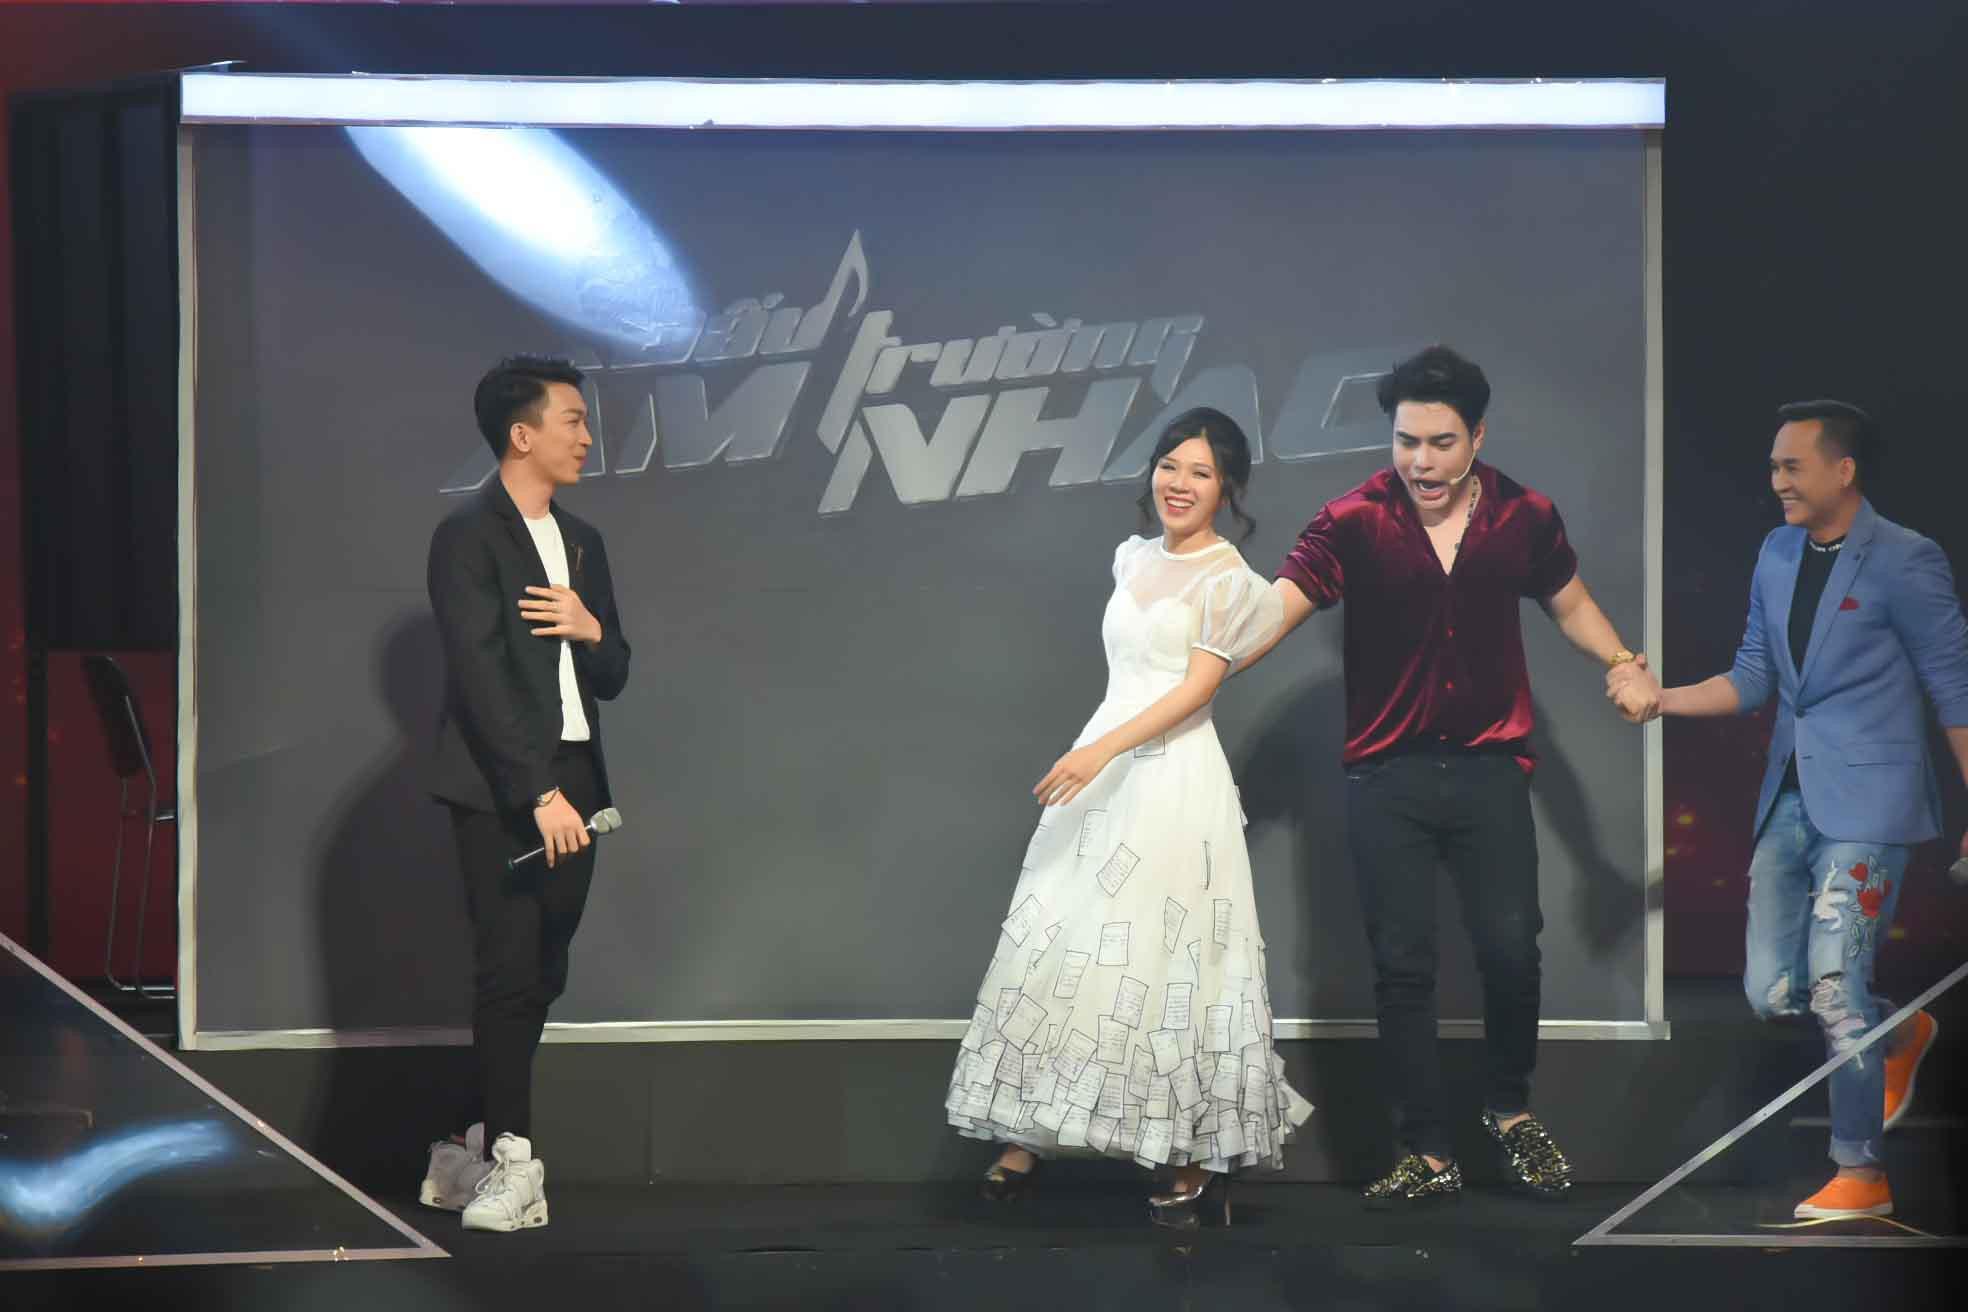 Lê Dương Bảo Lâm lầy lội mua chuộc giám khảo, bày thí sinh gian lận tại Đấu trường âm nhạc - Ảnh 4.